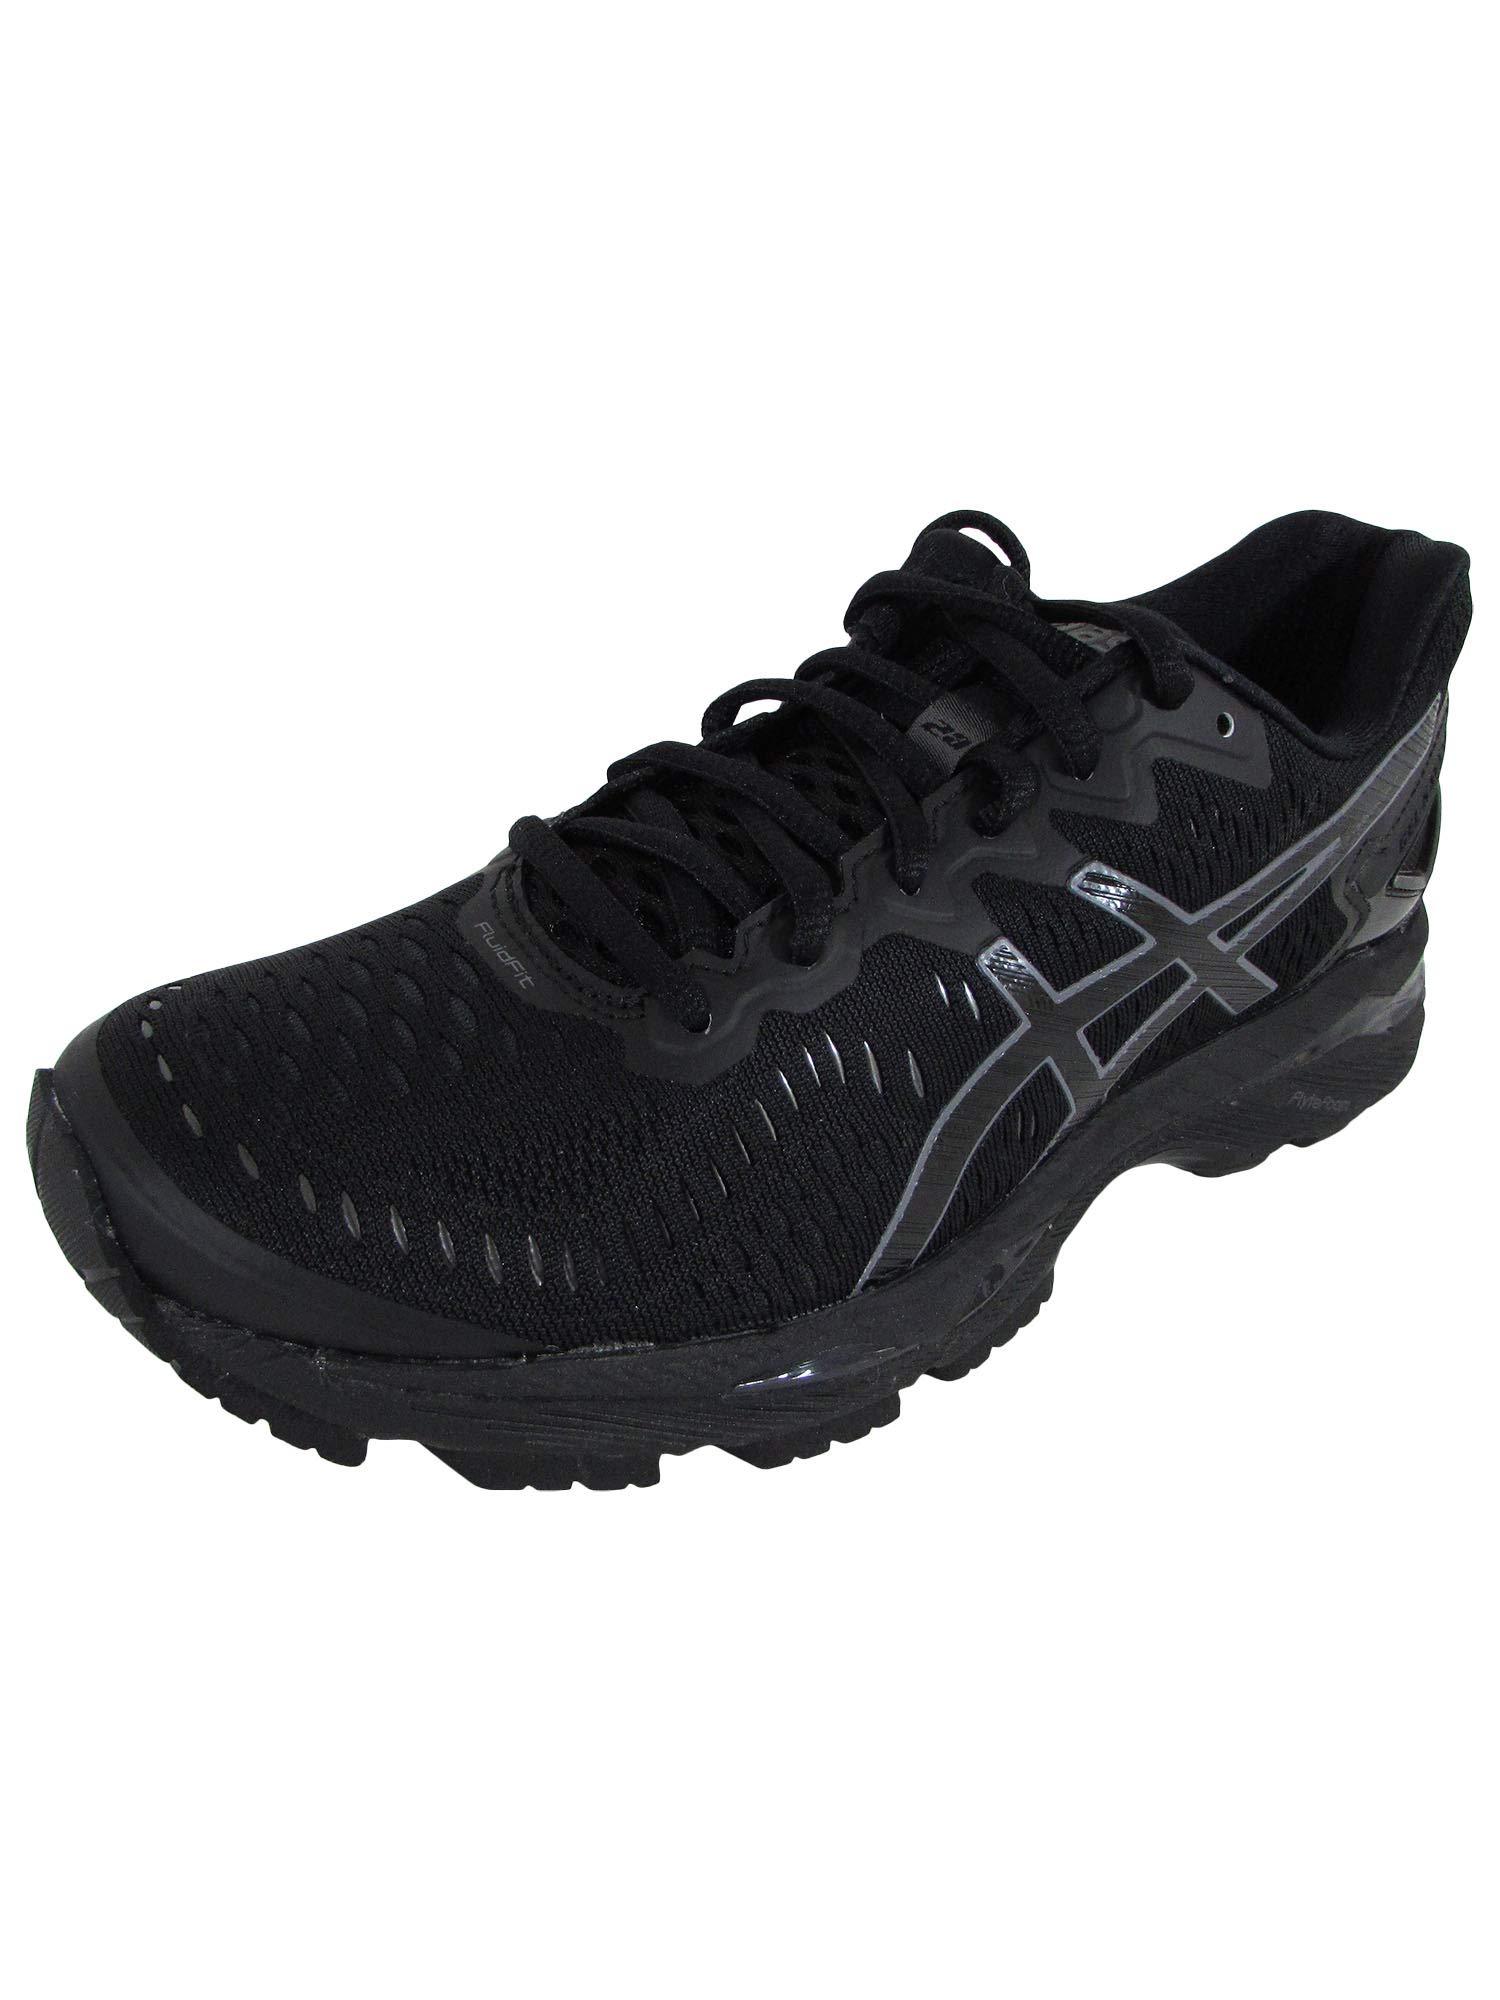 ASICS Women's Gel-Kayano 23 Running Shoe, Black/Onyx/Carbon, 8.5 M US